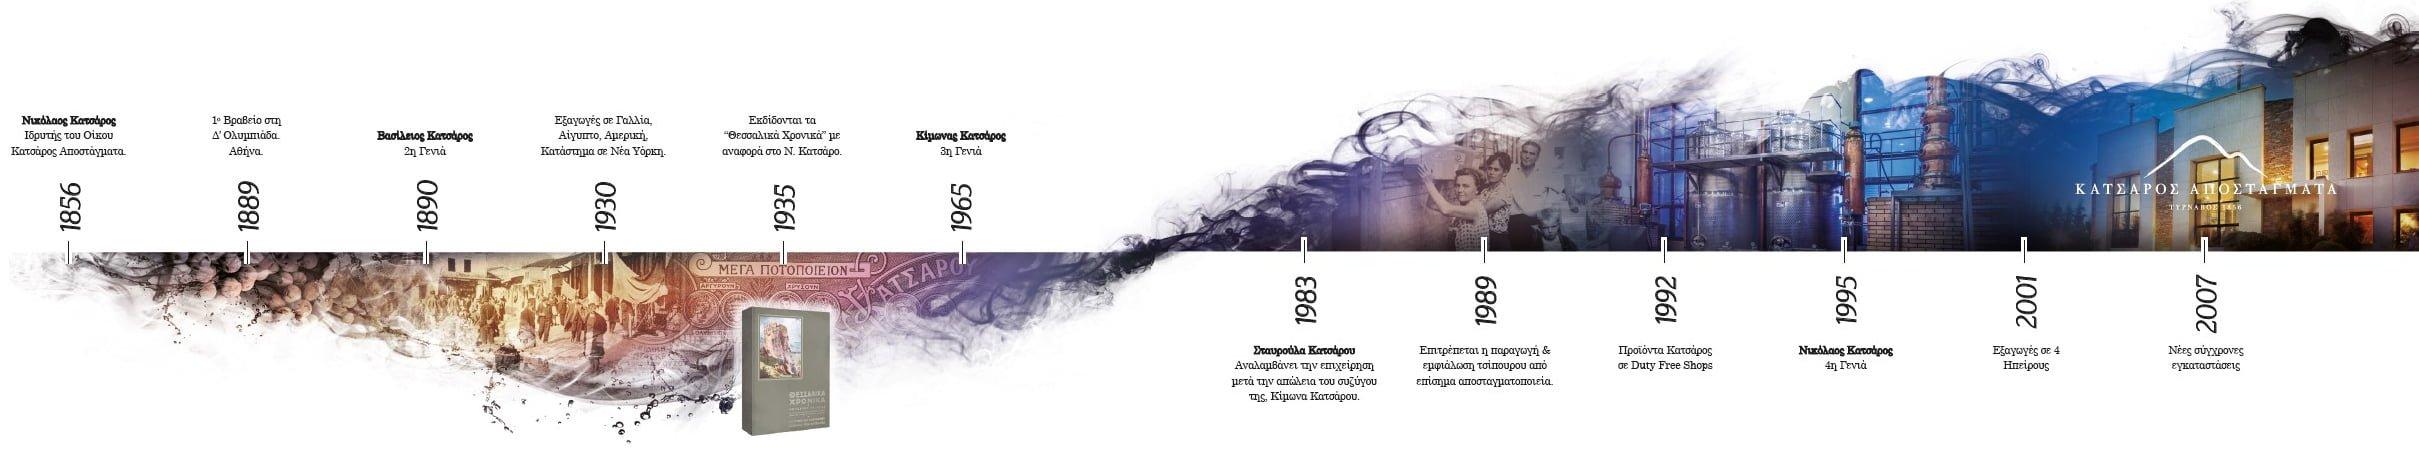 katsaros-apostagmata-xronologio